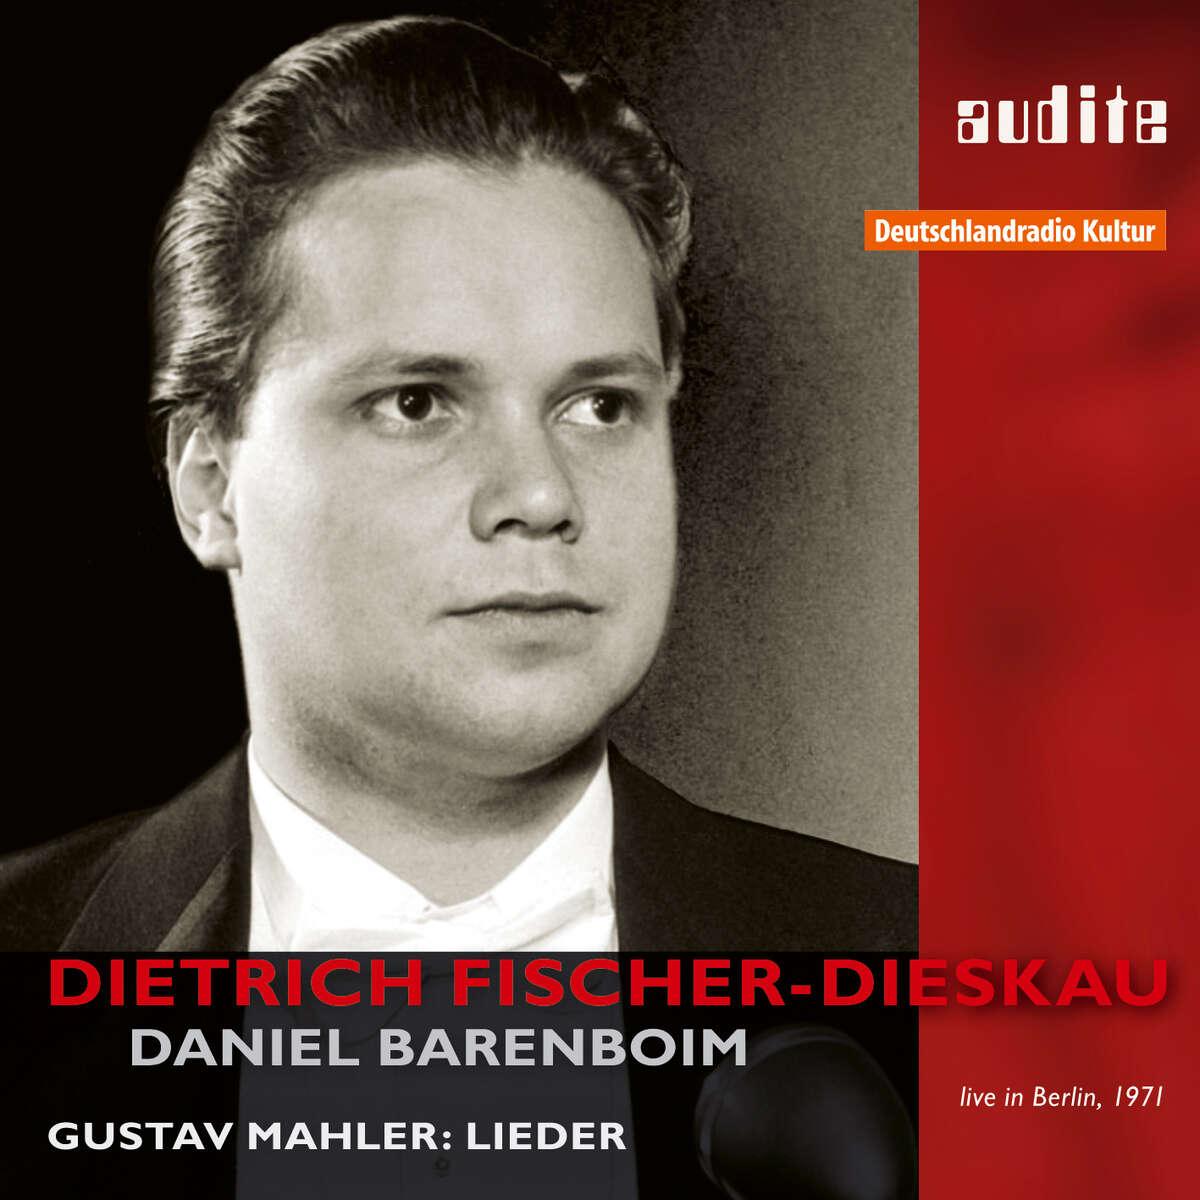 Dietrich Fischer-Dieskau sings Gustav Mahler | Daniel Barenboim, piano